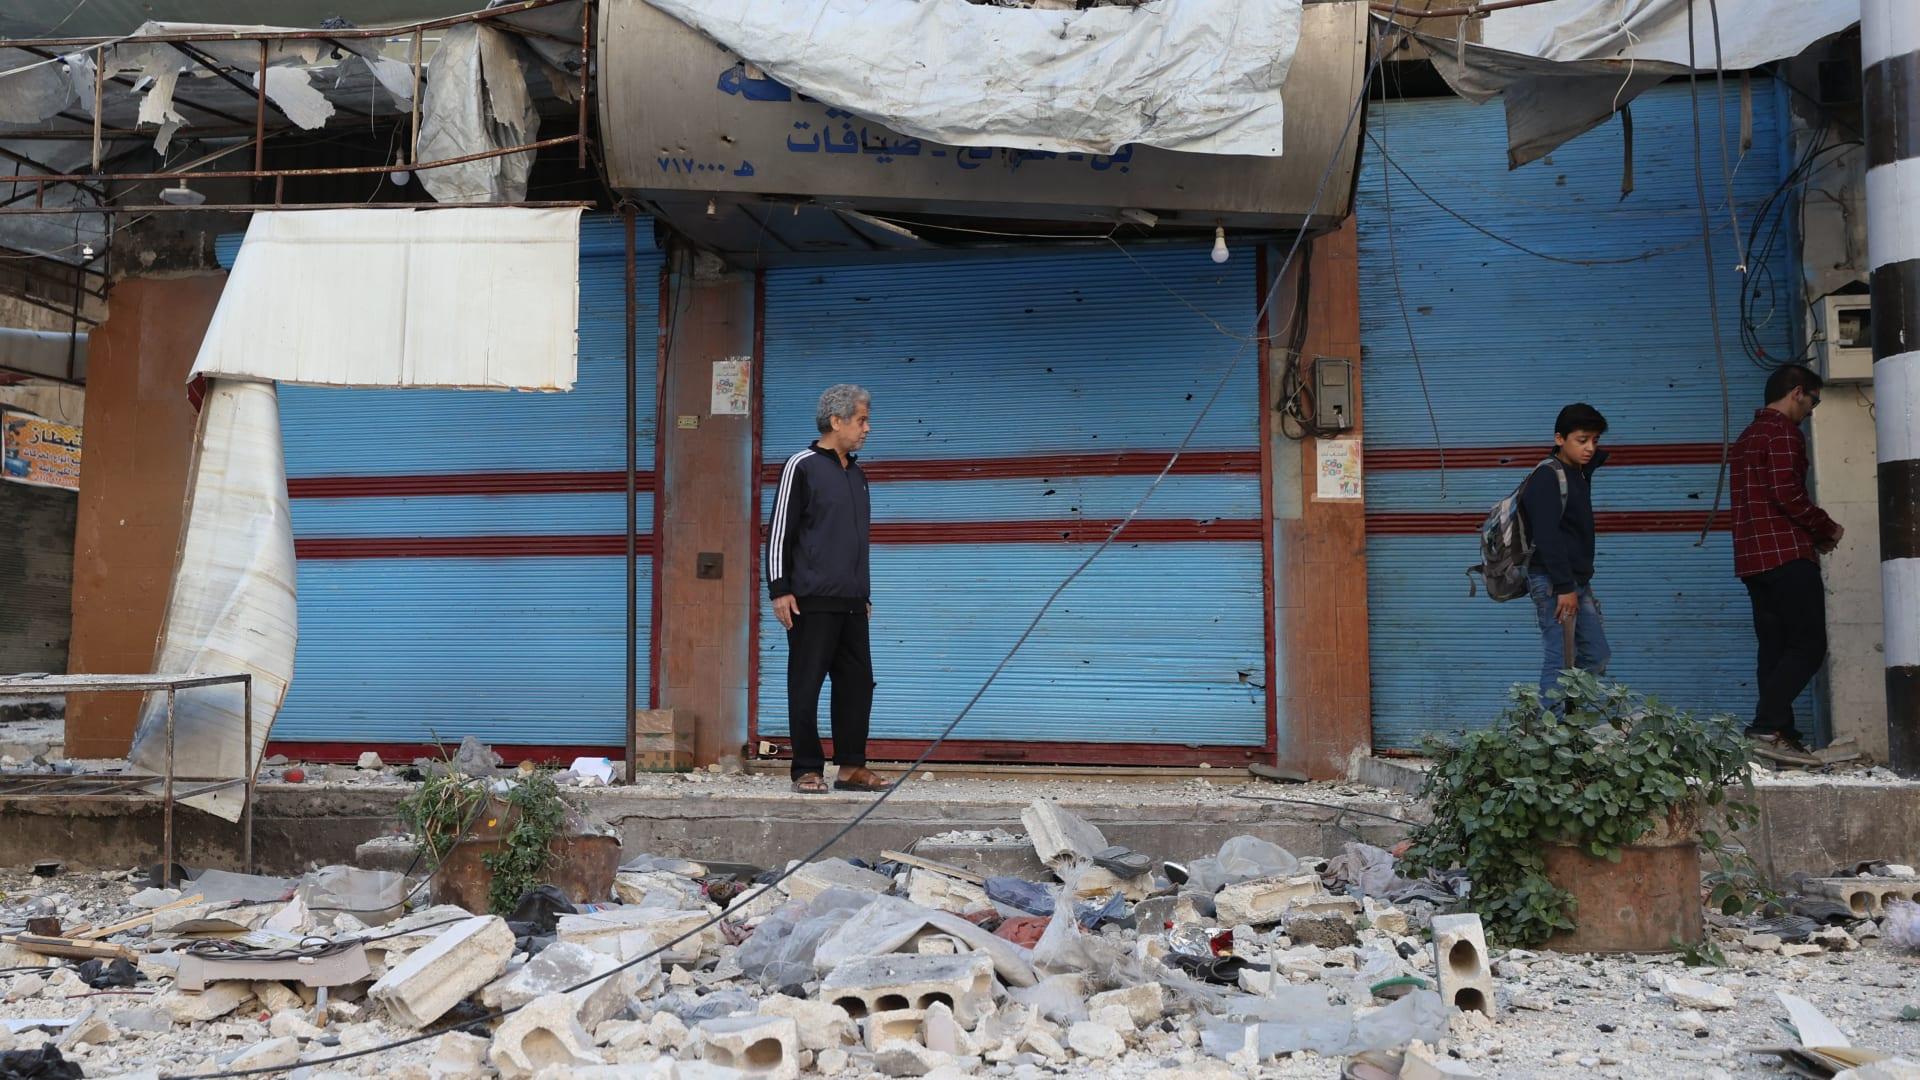 رجل يسير بالقرب من الأنقاض في موقع قصف في بلدة أريحا السورية في محافظة إدلب شمال غرب سوريا الخاضعة لسيطرة المعارضة في 20 تشرين الأول/ أكتوبر 2021.